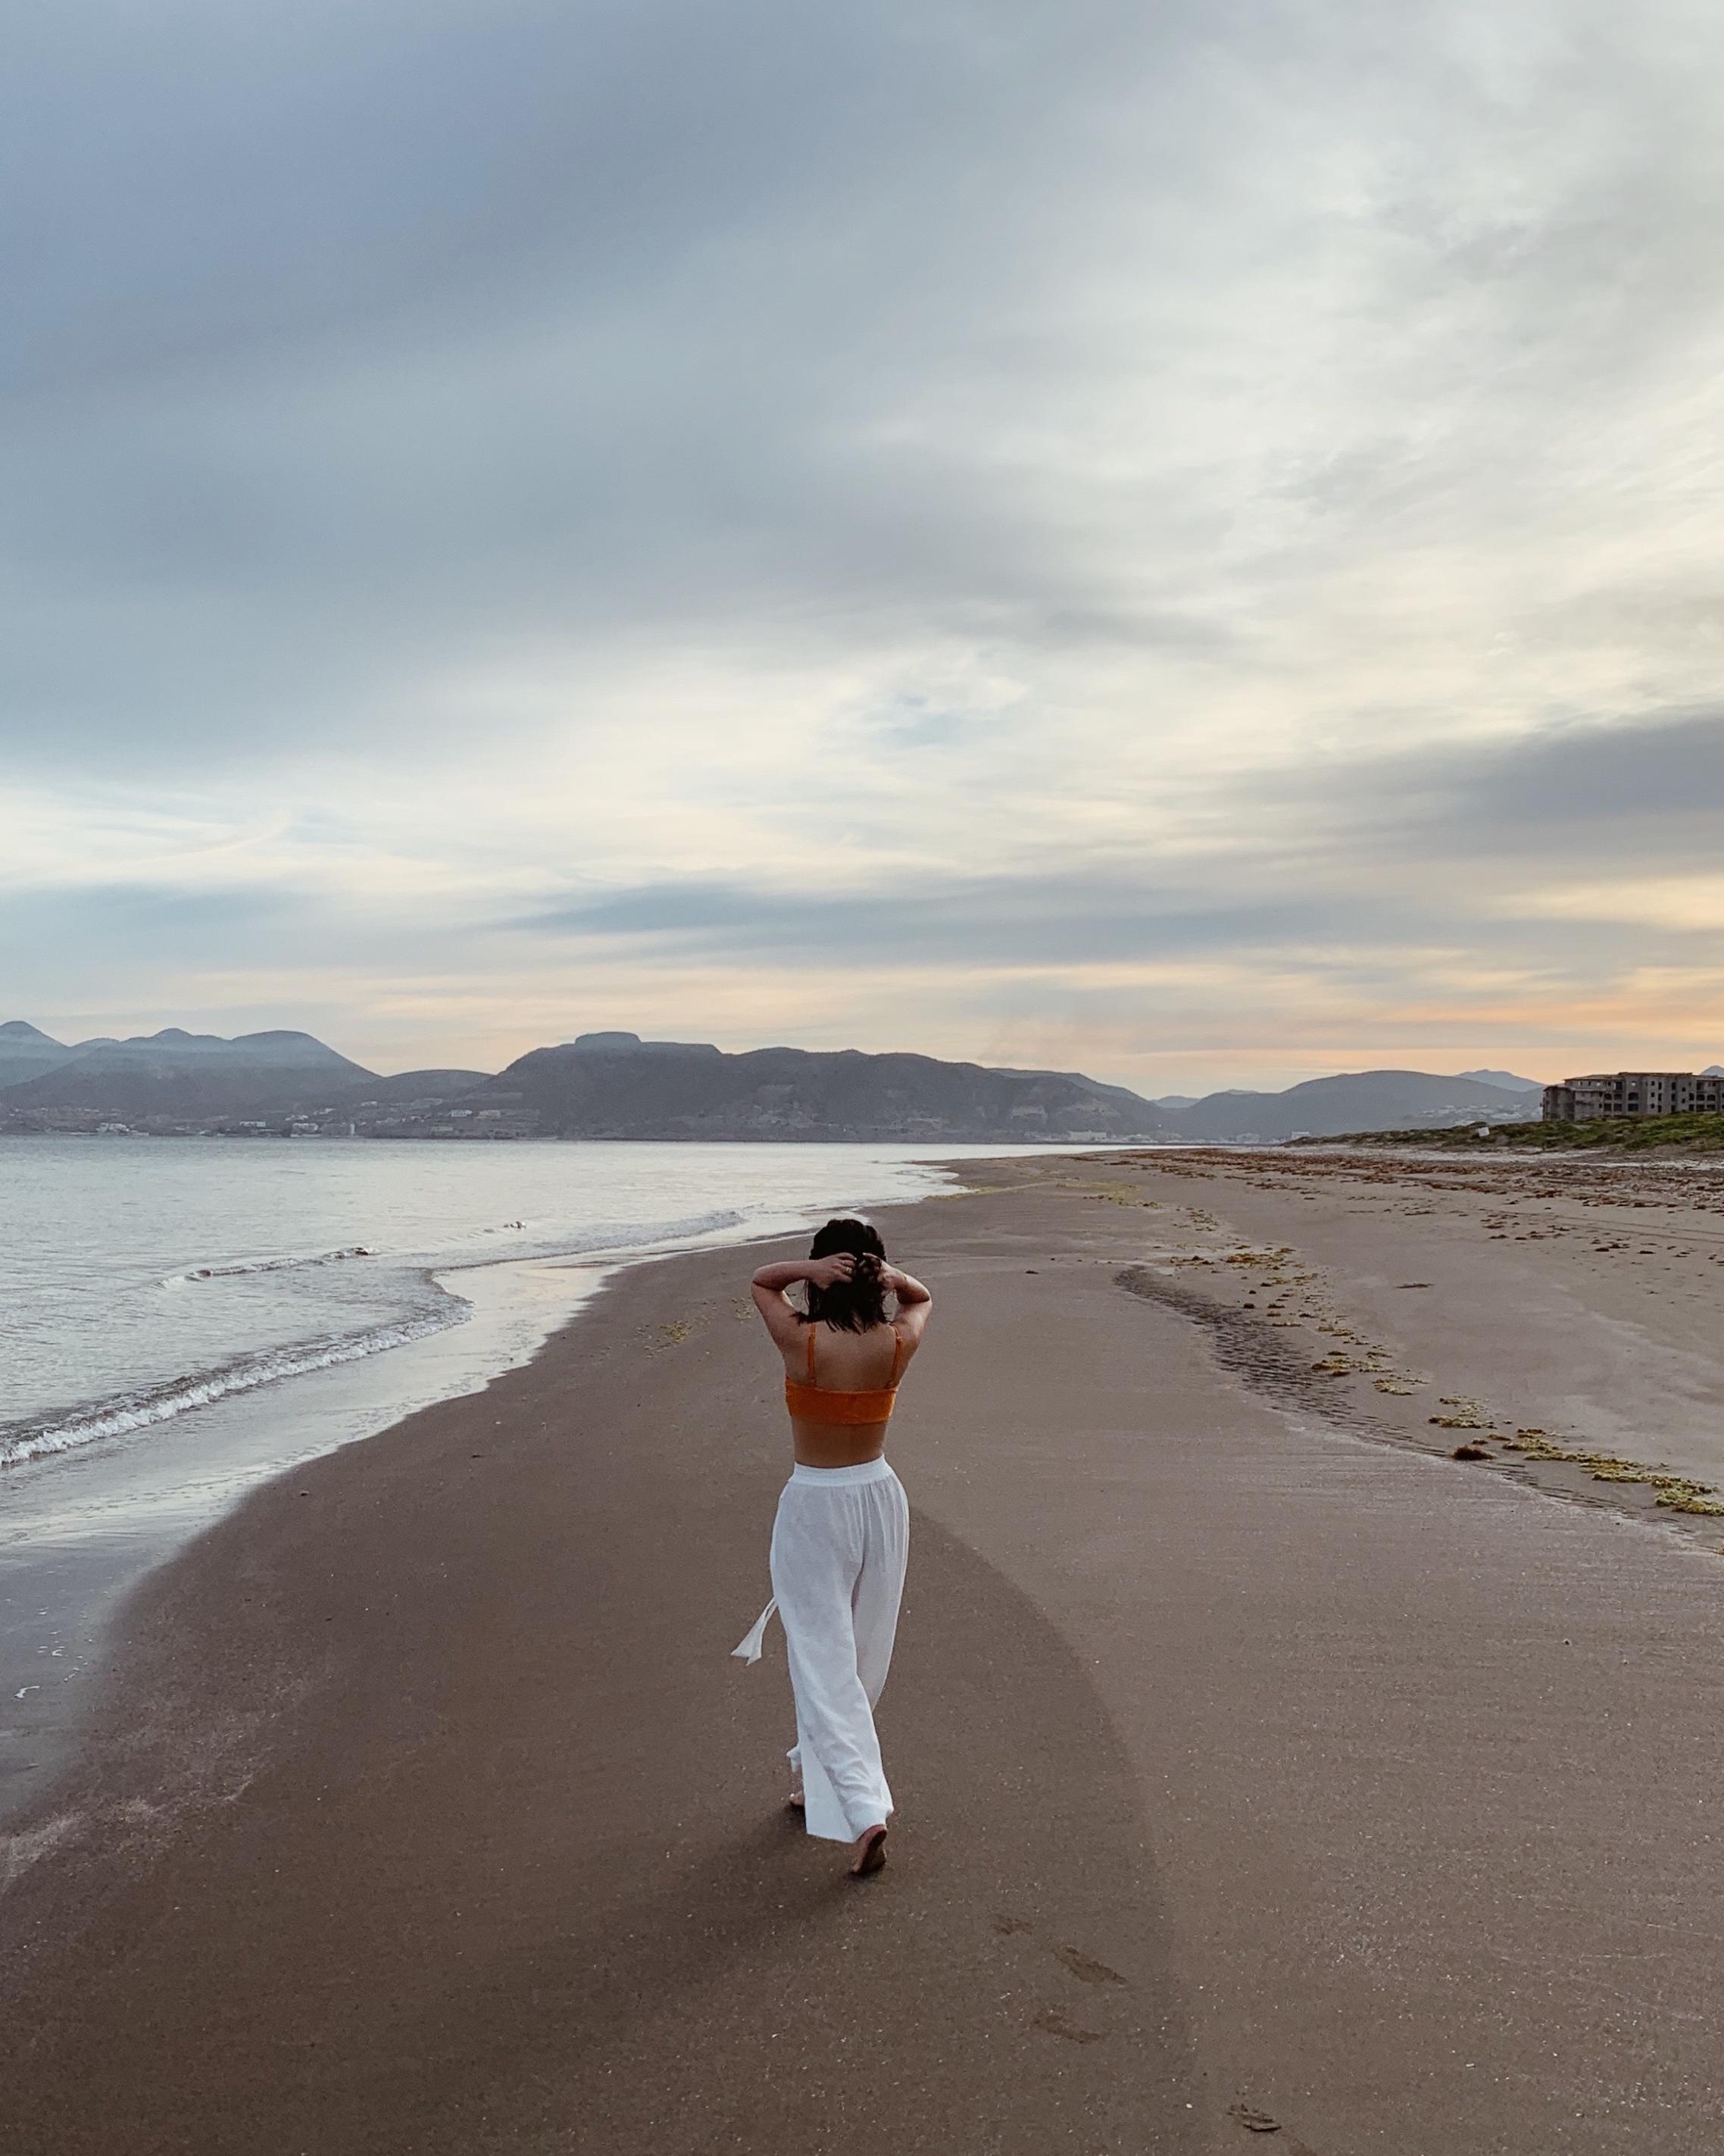 tiffwang-lapaz-tourism-mexico-todossantos-beach.jpg